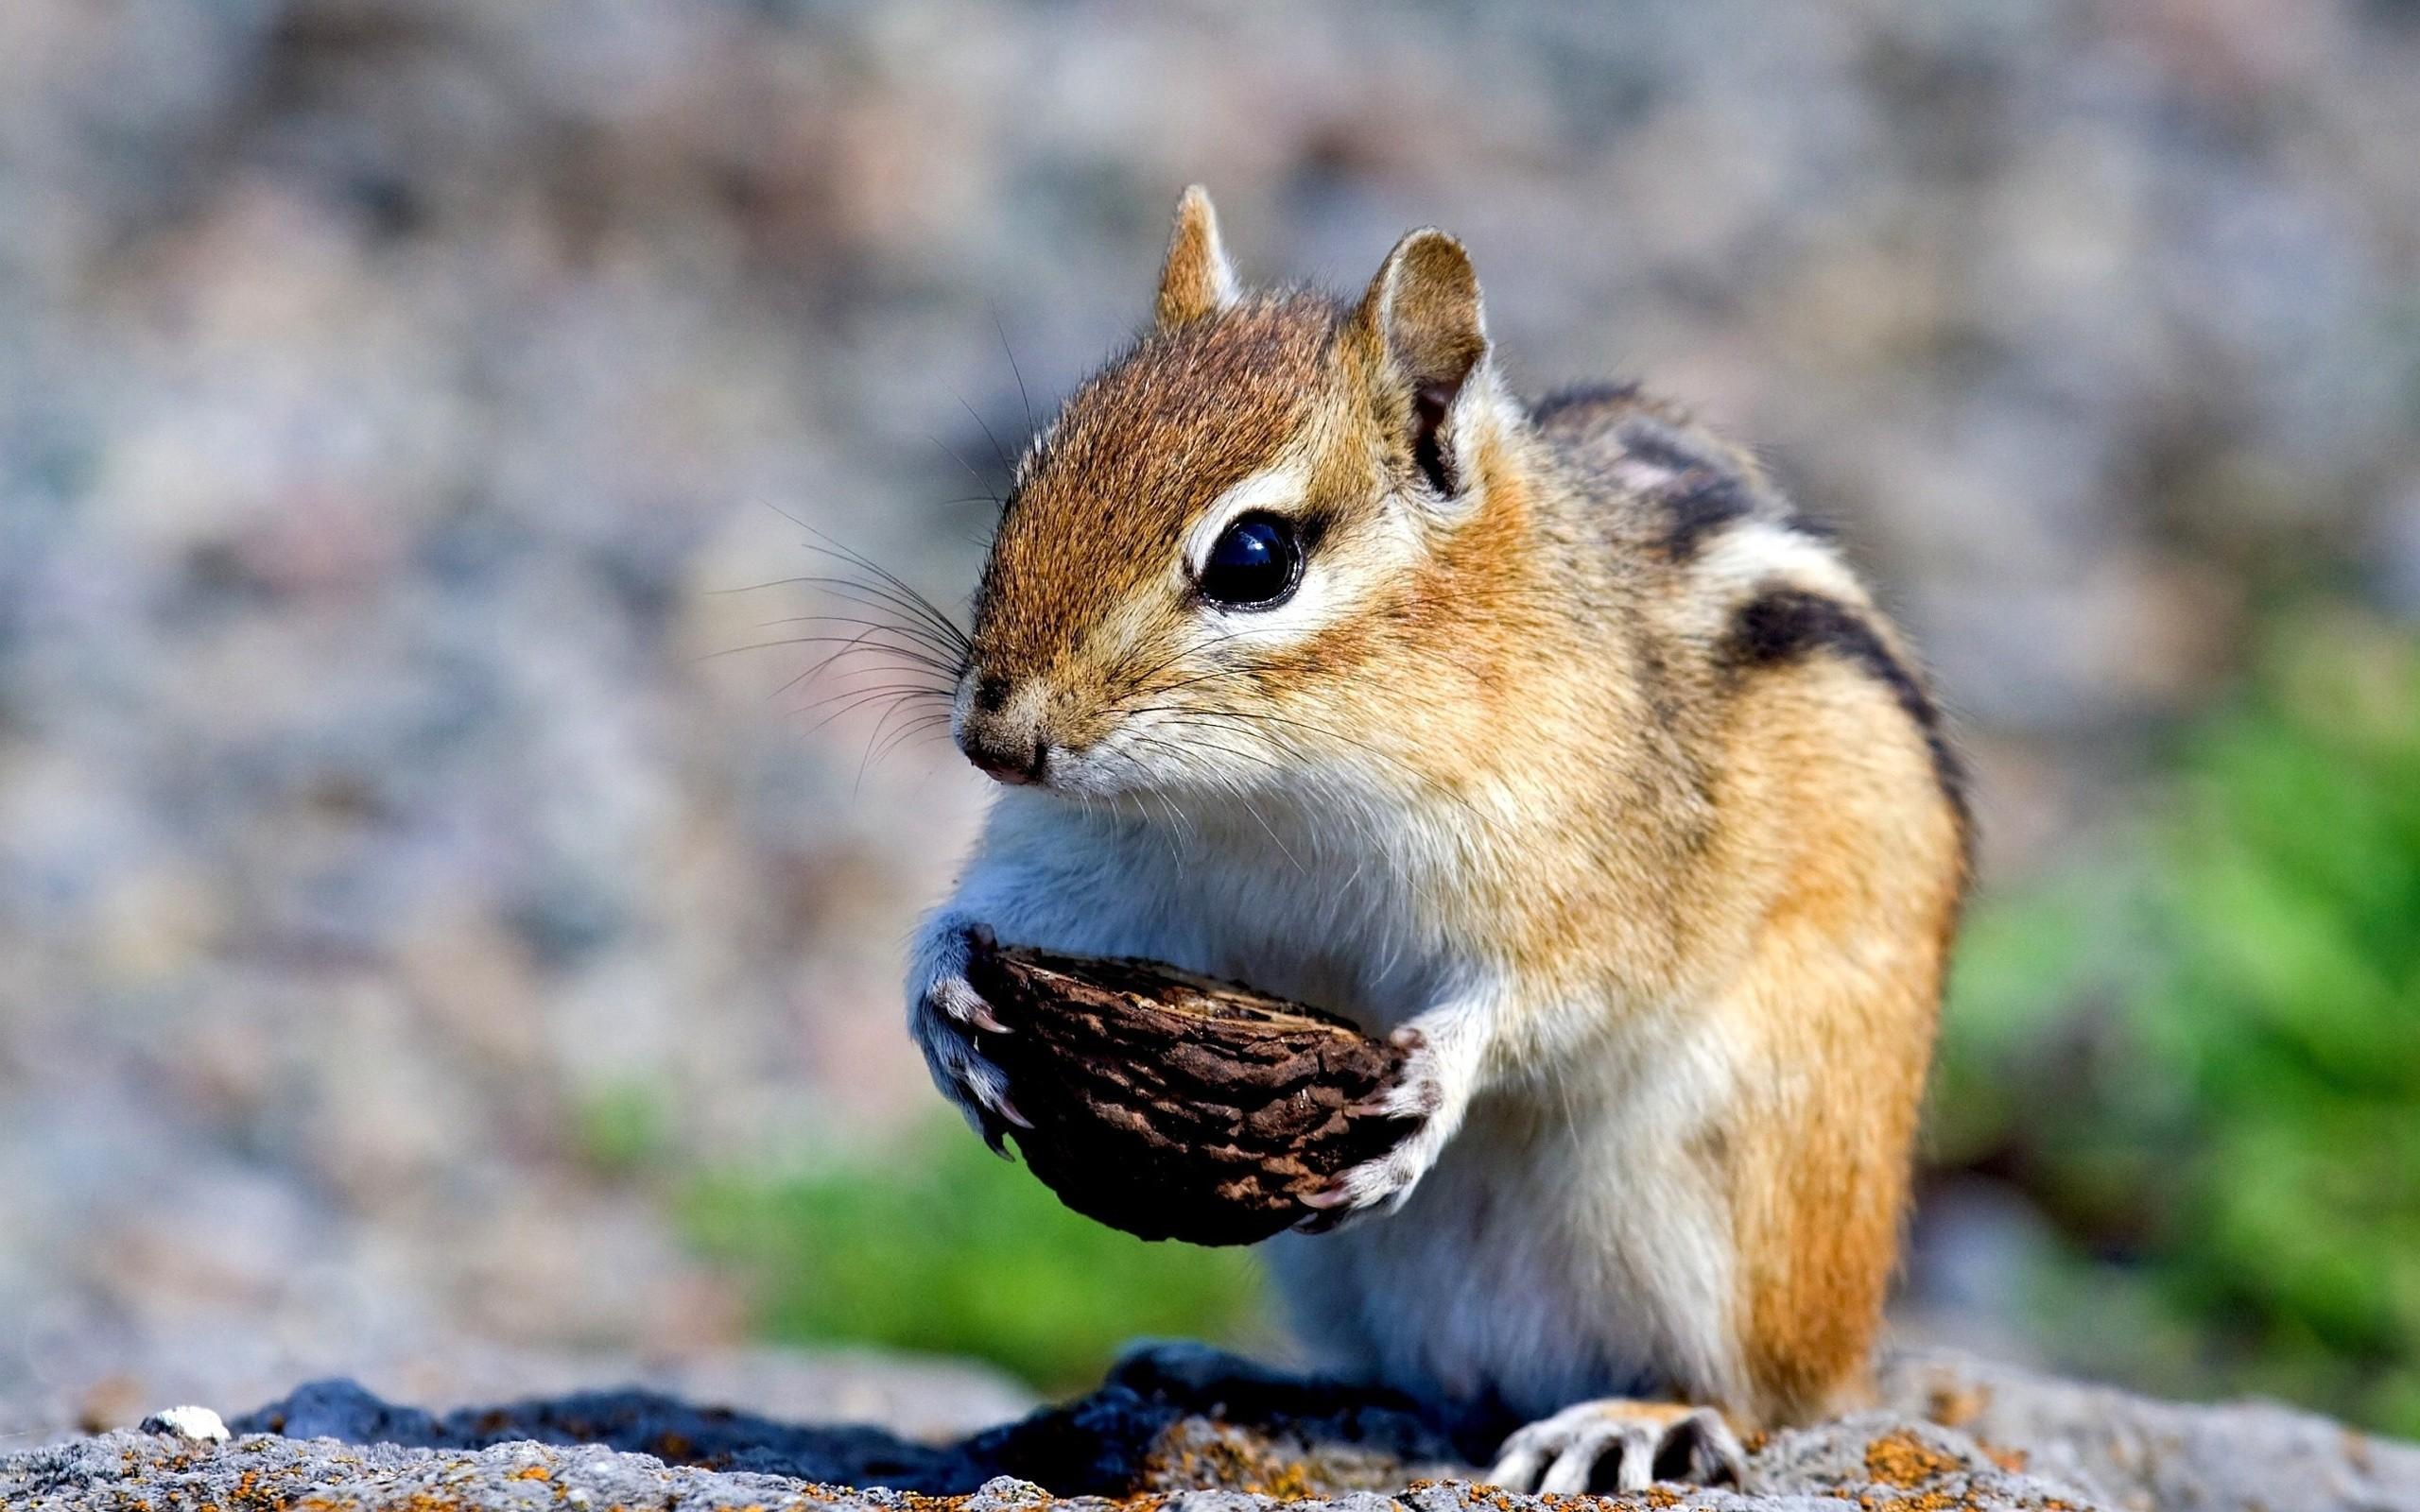 Cute Squirrels Wallpaper